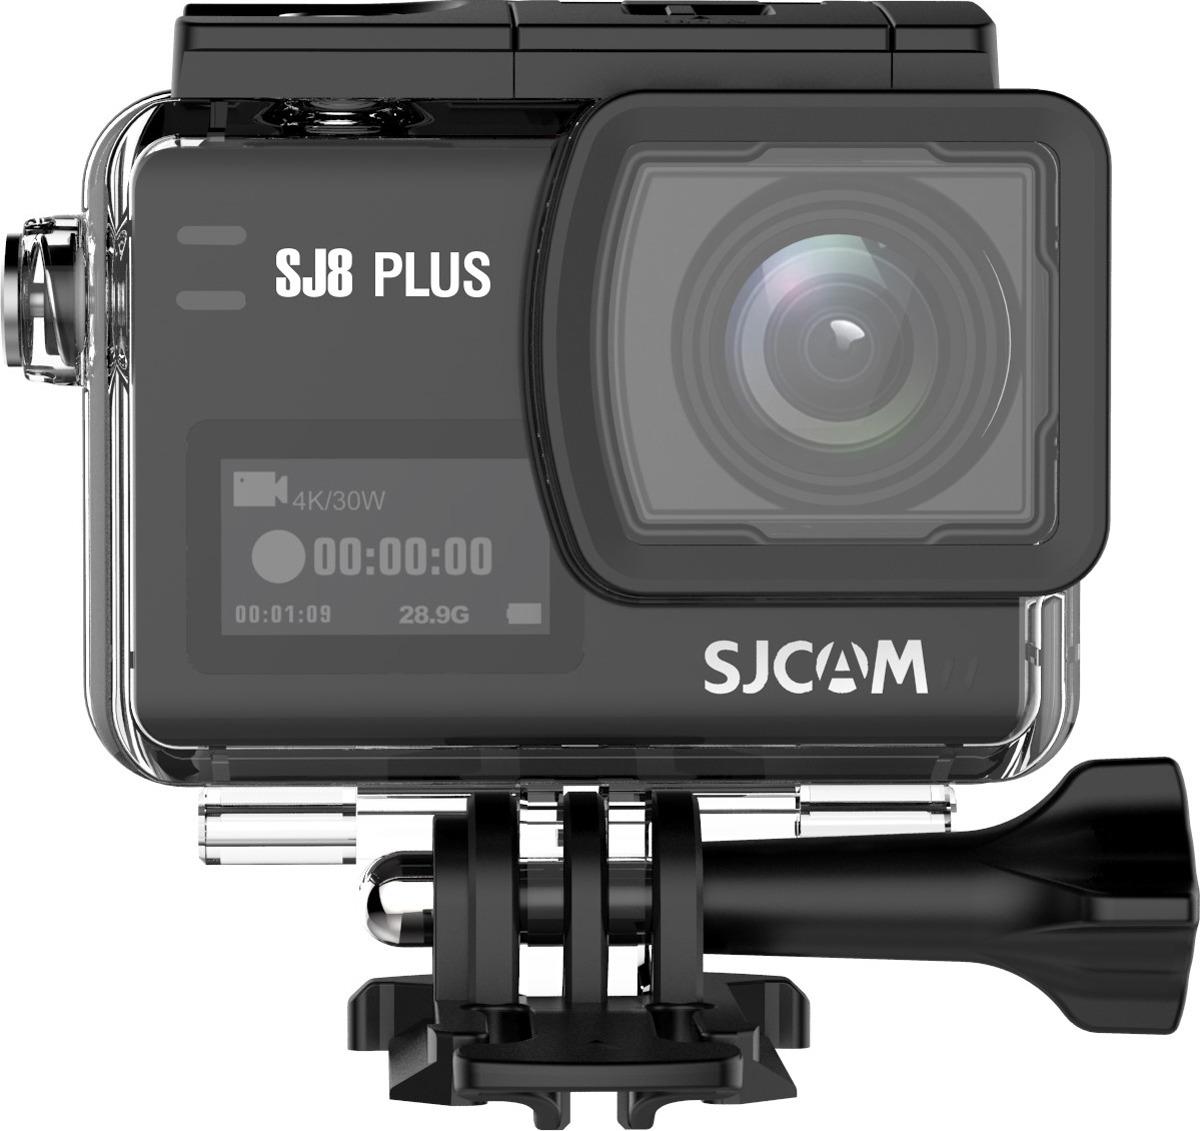 Экшн-камера SJCAM SJ8 Plus, SJ8 Plus (black), черный экшн камера sjcam sj5000 wifi 1080p wifi желтый [sj5000wifiyellow]